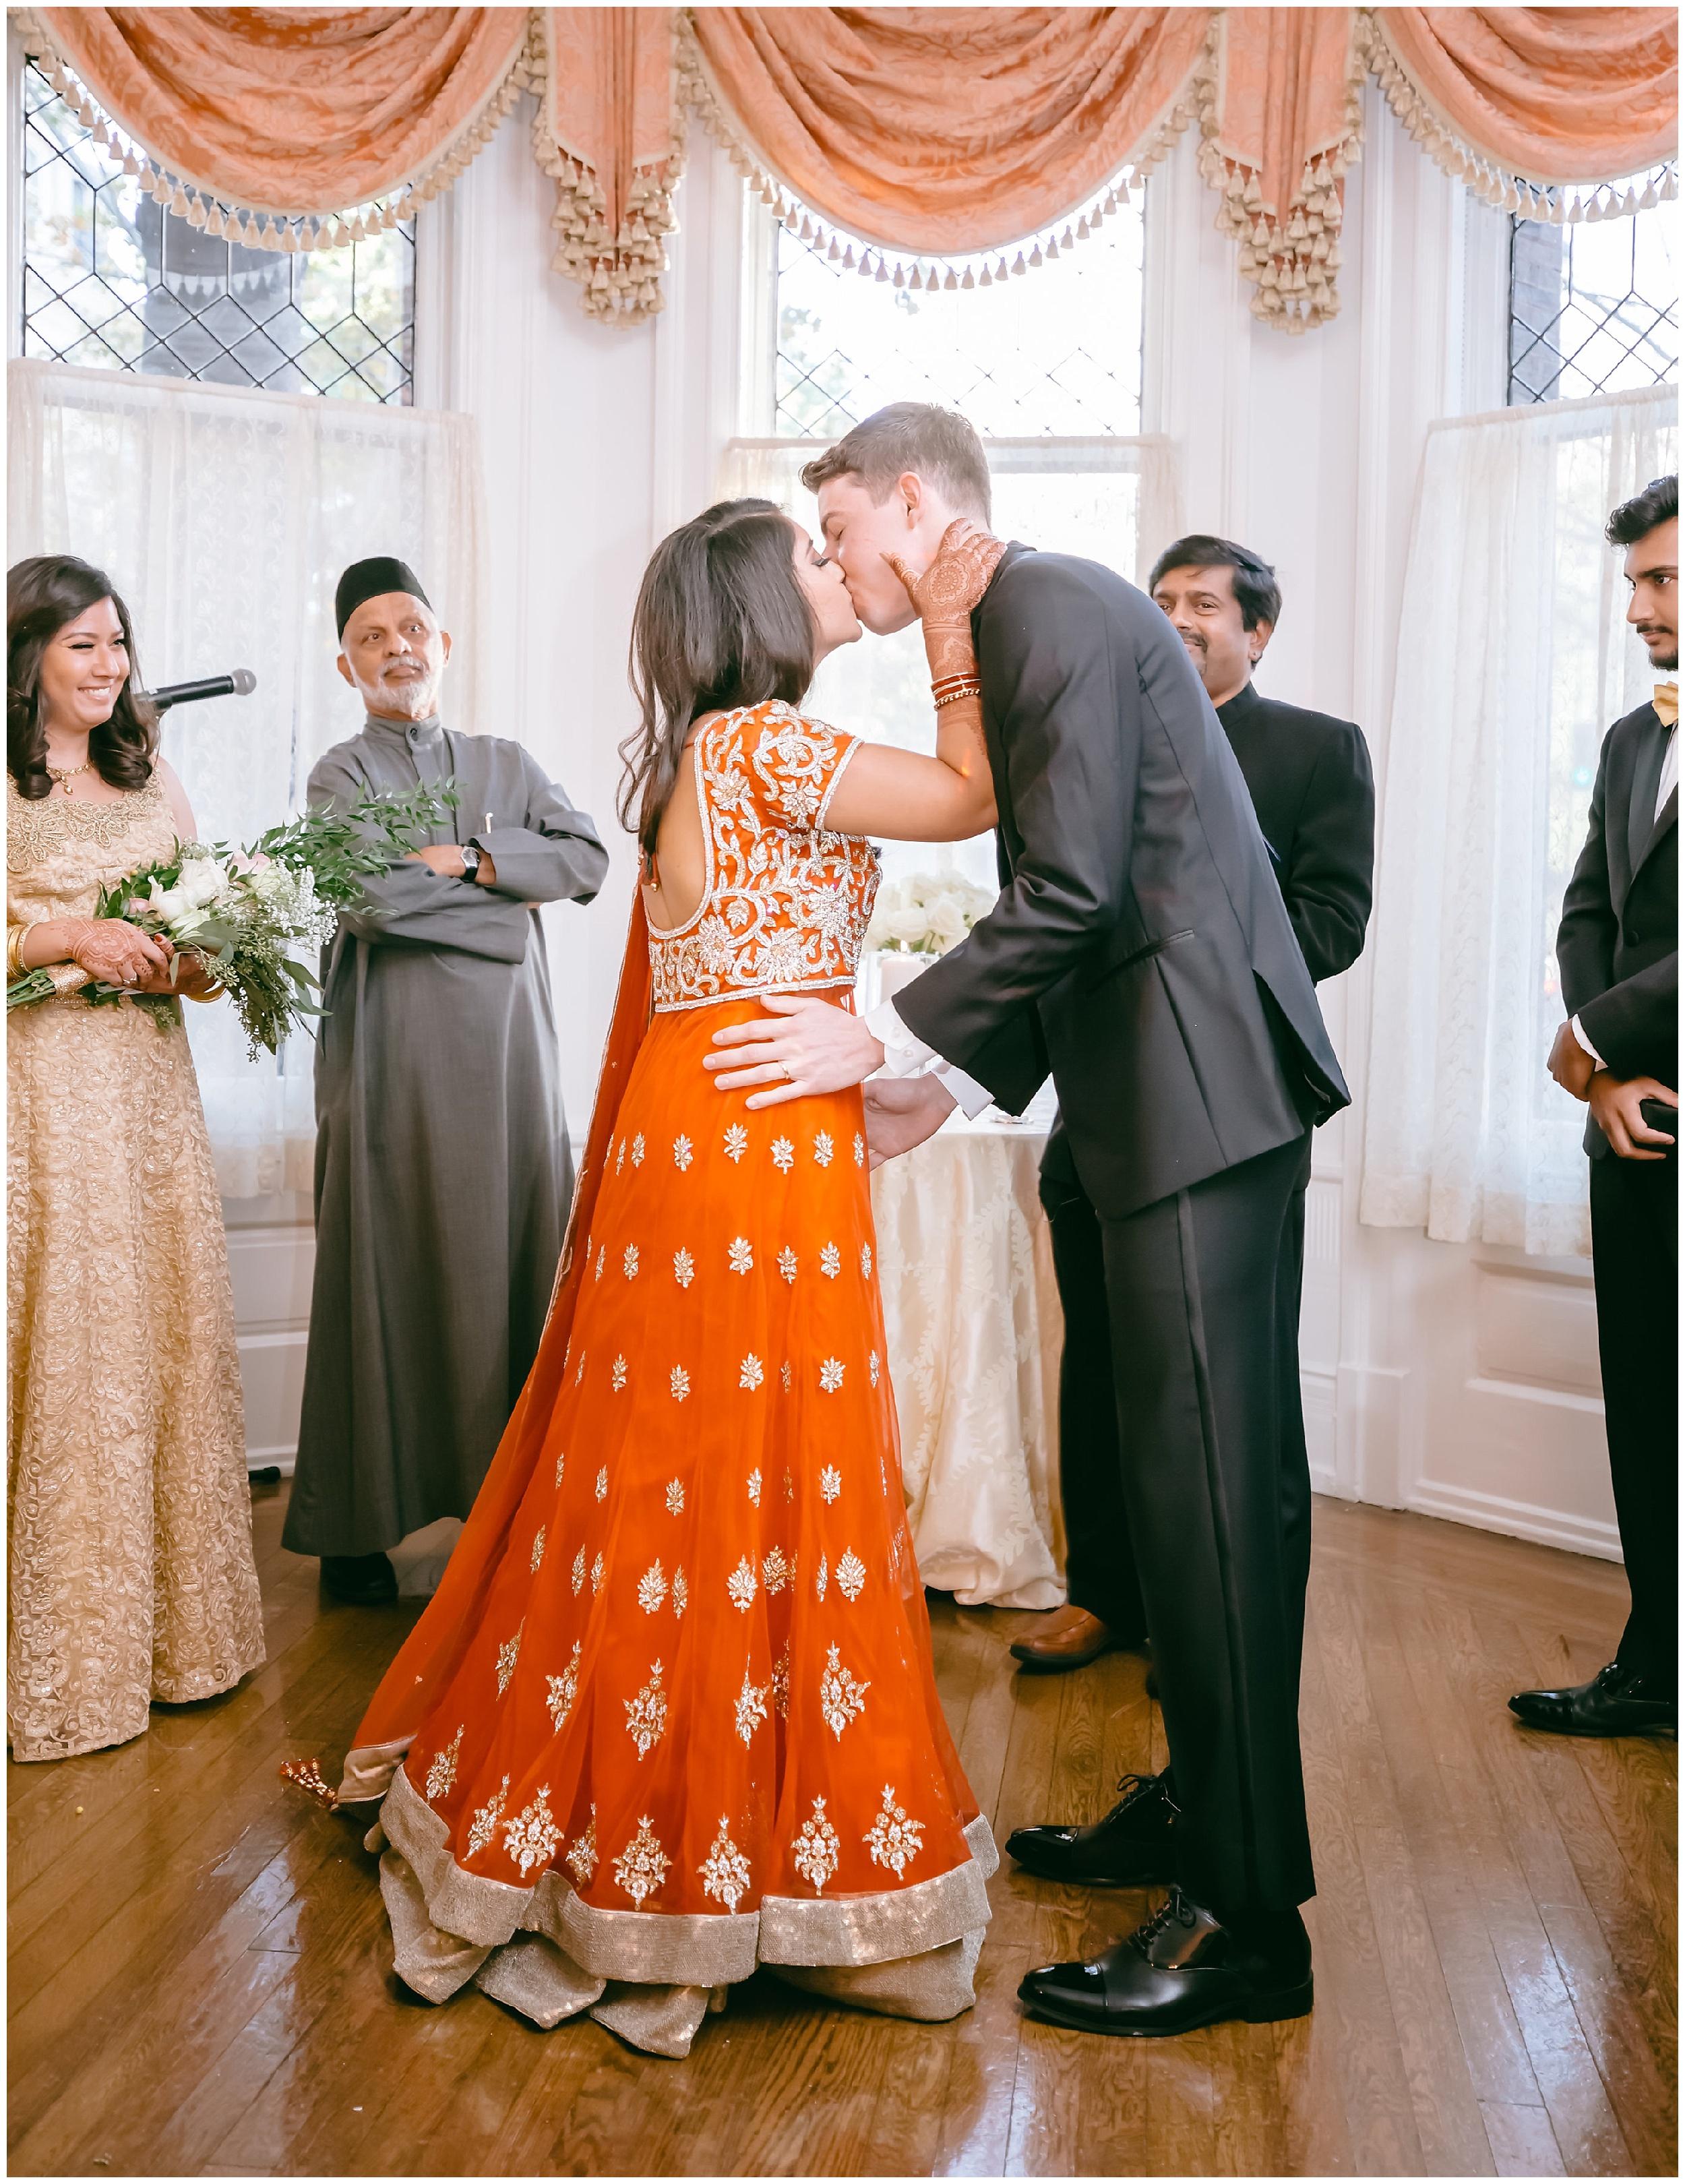 ceremony kiss husband wife Whittemore House wedding Washington DC